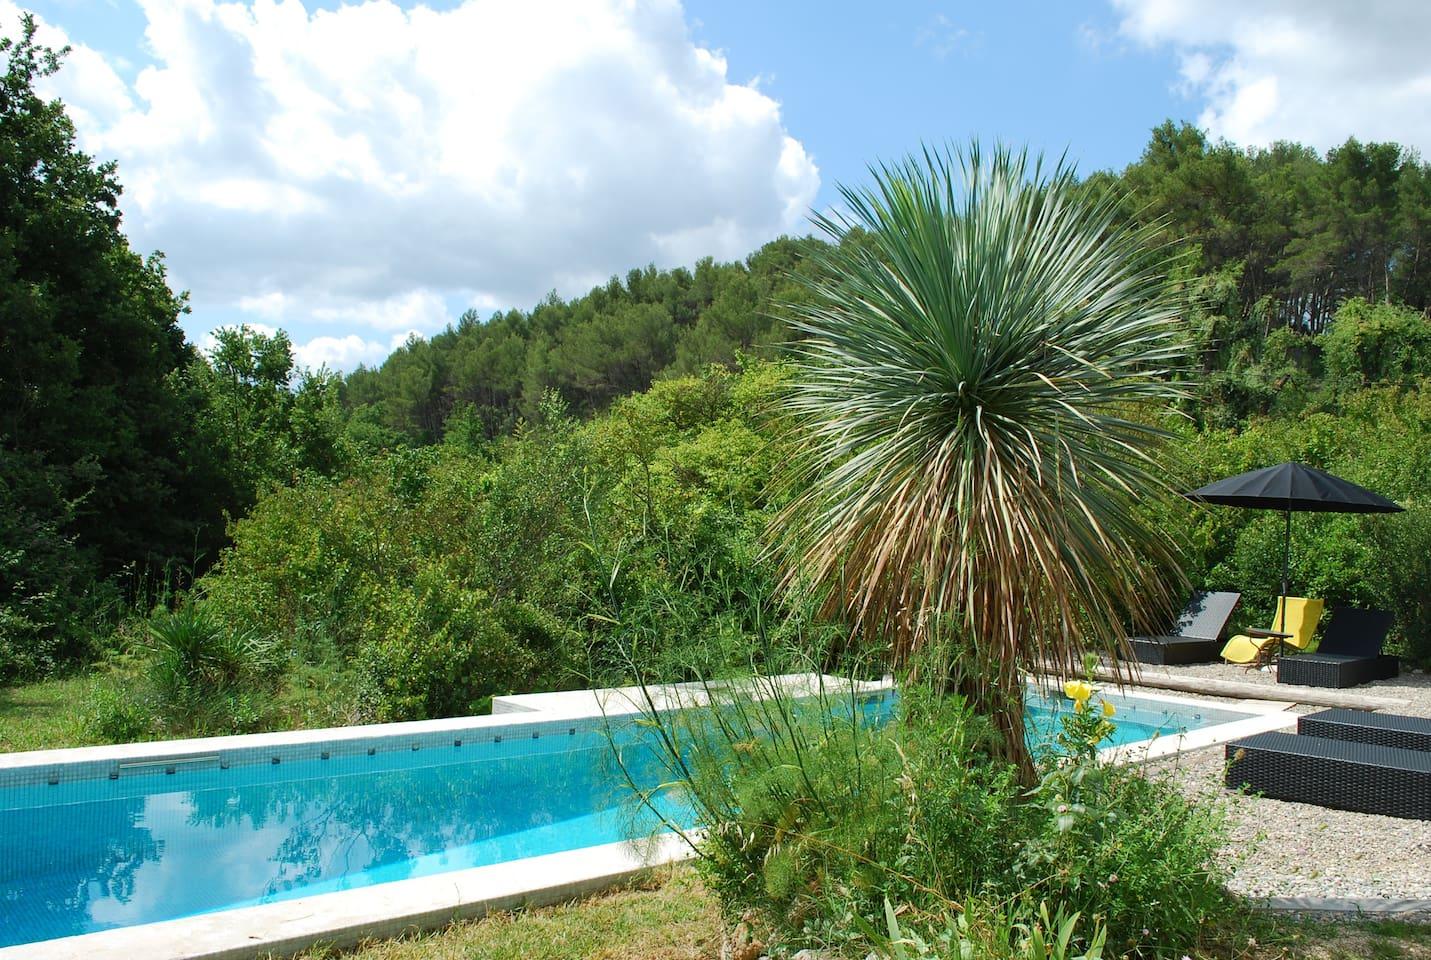 Accès privé à la piscine de nage 12X3 carrelée et sécurisée par alarme immergée sans aucun vis à vis. Aucune maison en vue. Pas de pollution visuelle et calme absolu.